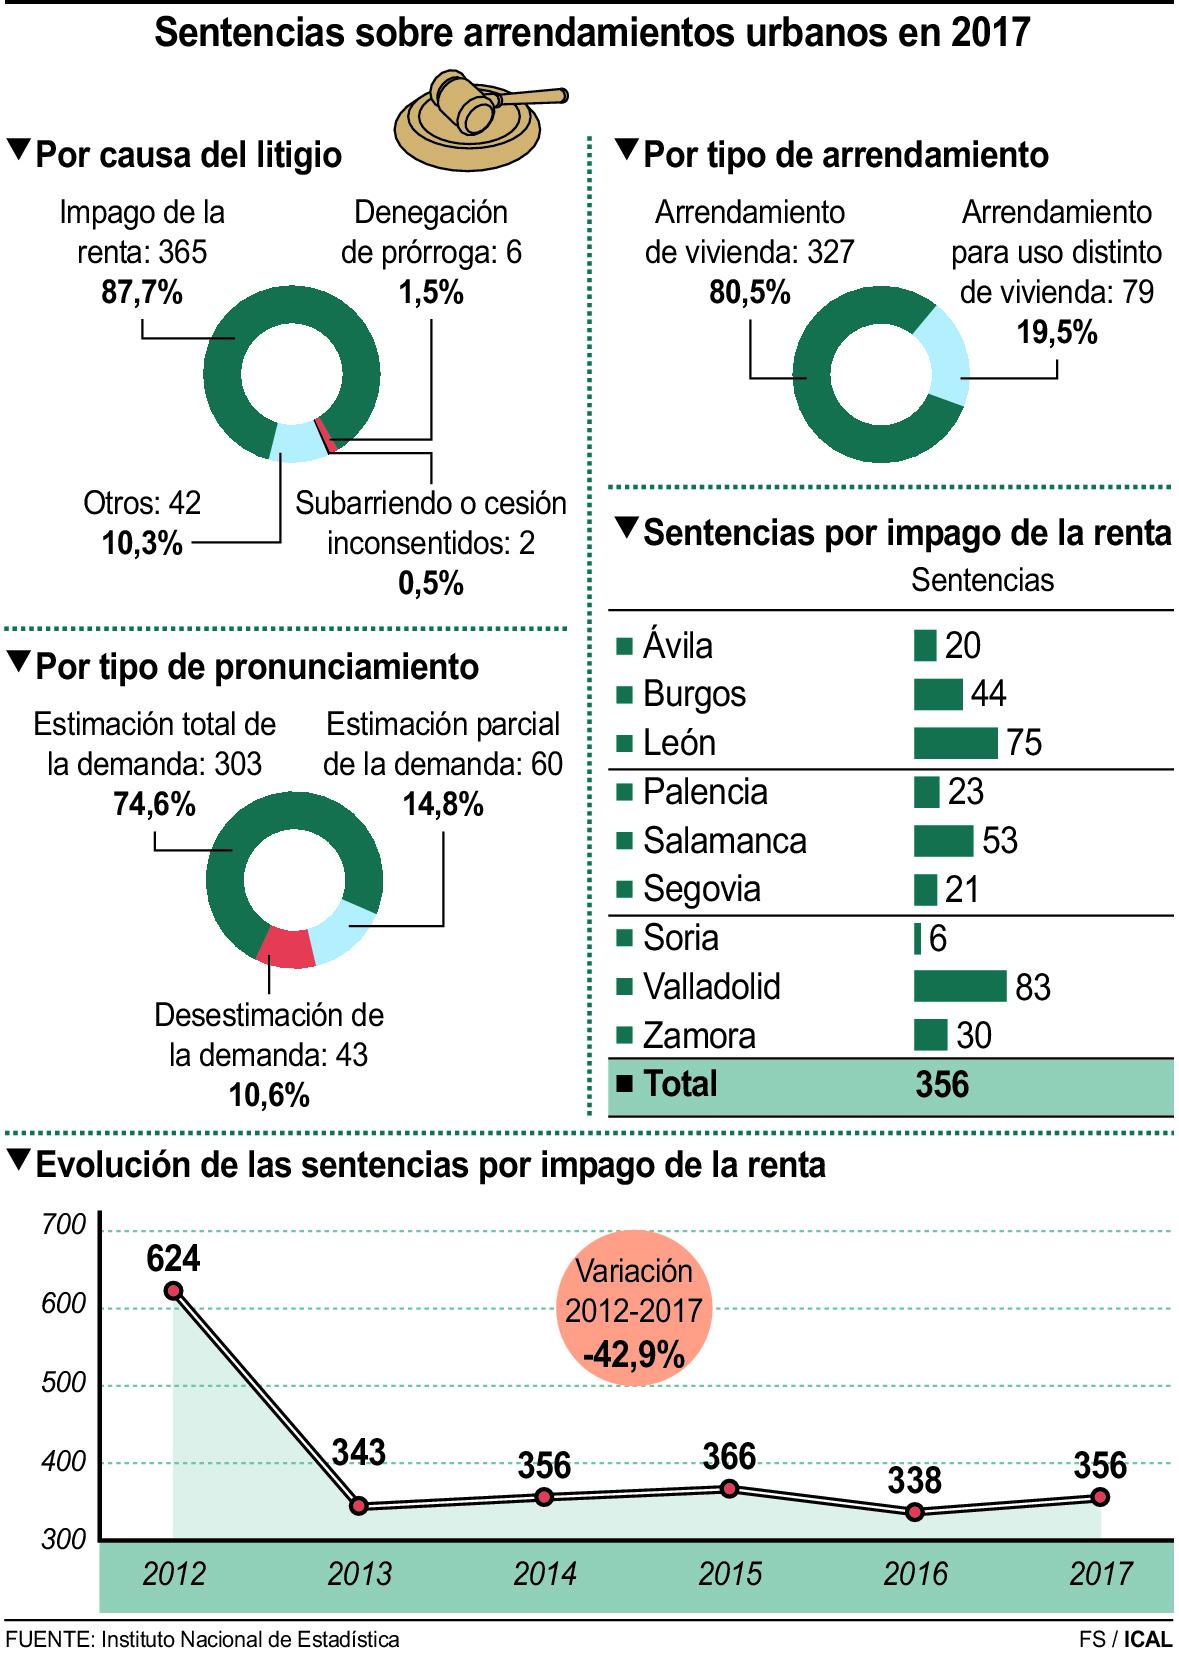 Sentencias sobre arrendamientos urbanos en 2017